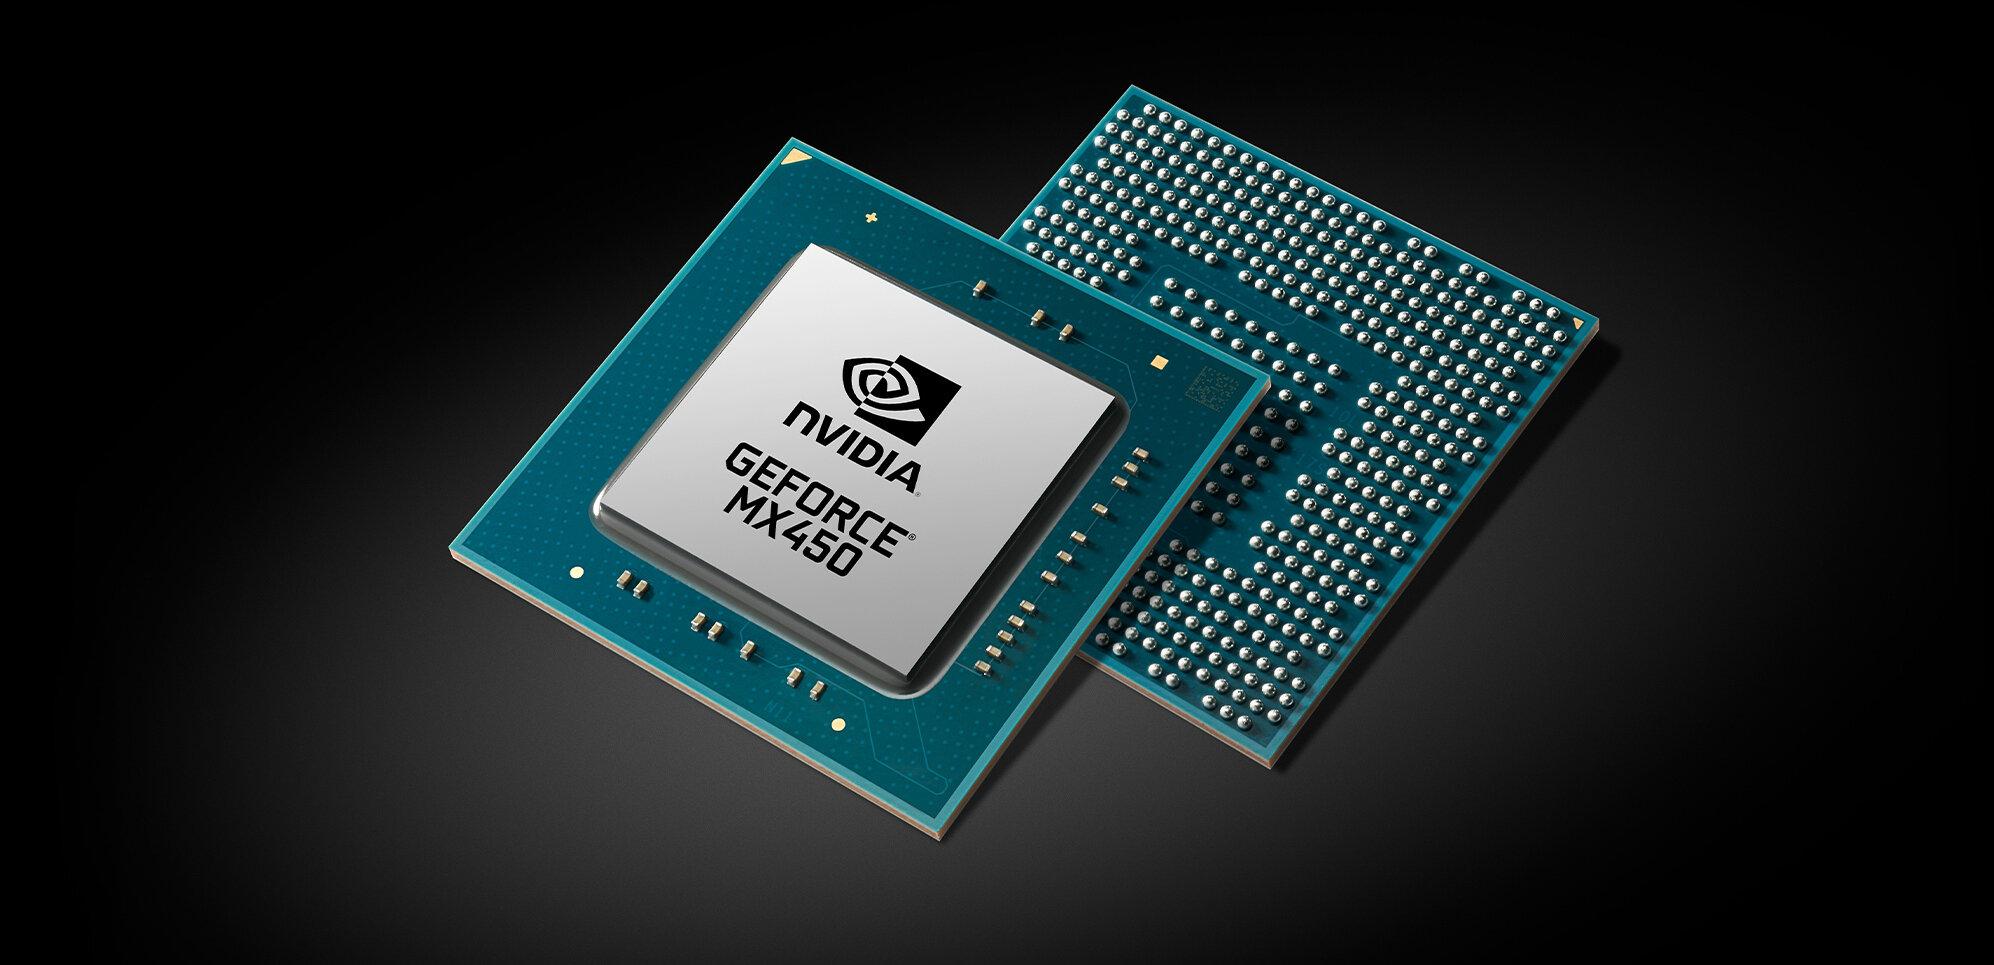 NVIDIA annonce sa GeForce MX450 PCIe 4.0... pour contrer DG1 d'Intel dans les portables ?